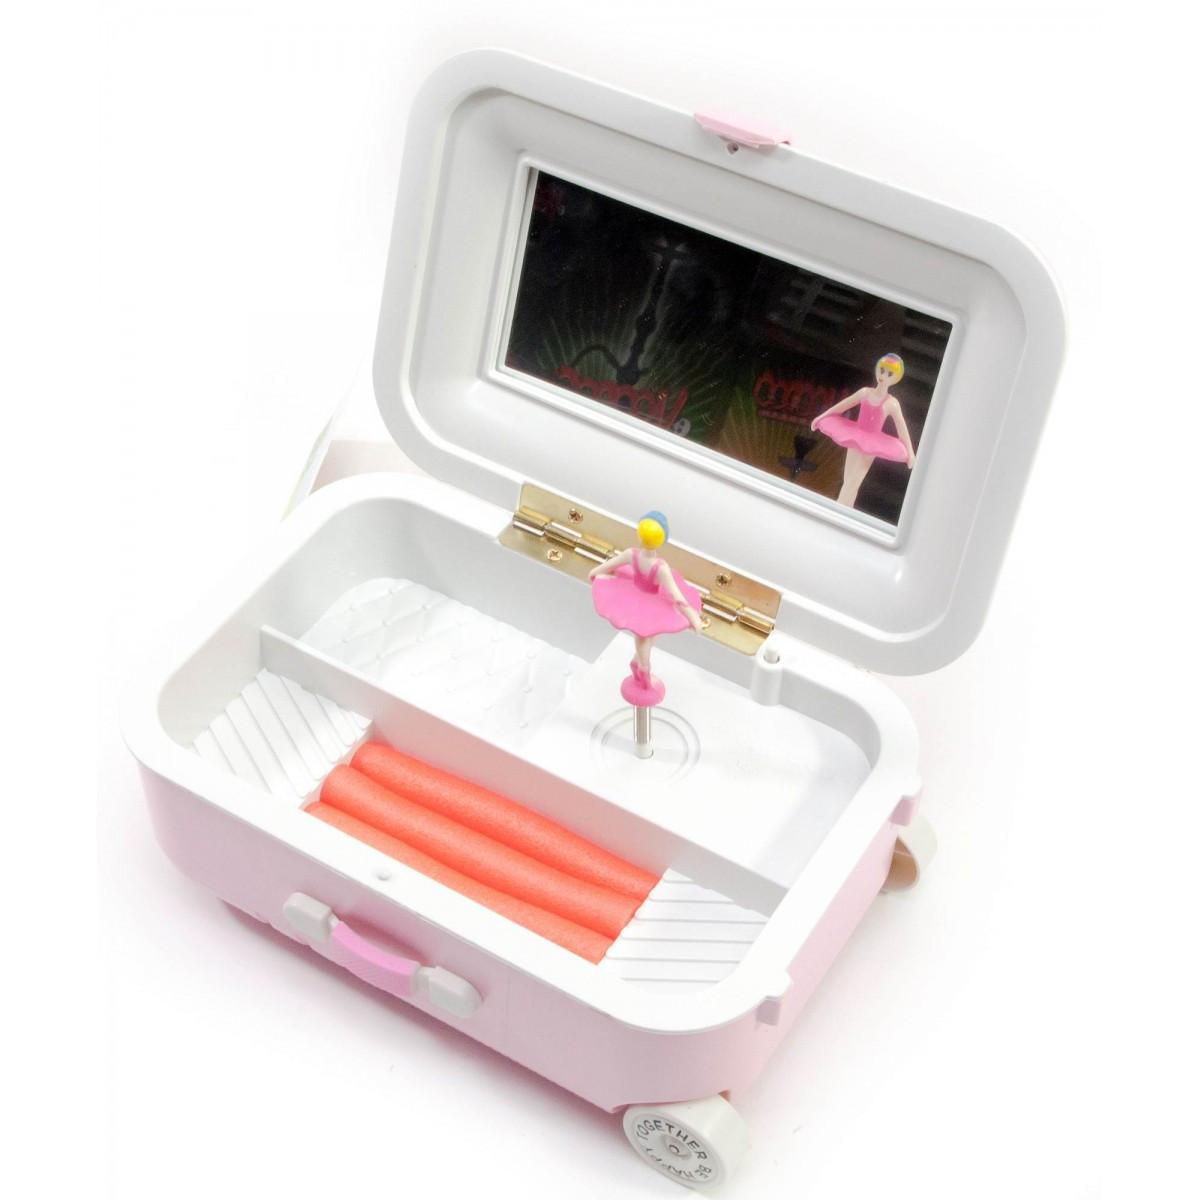 Музична скринька Валізку з балериною 17х10,5х7 см 28749A шкатулка для прикрас органайзер